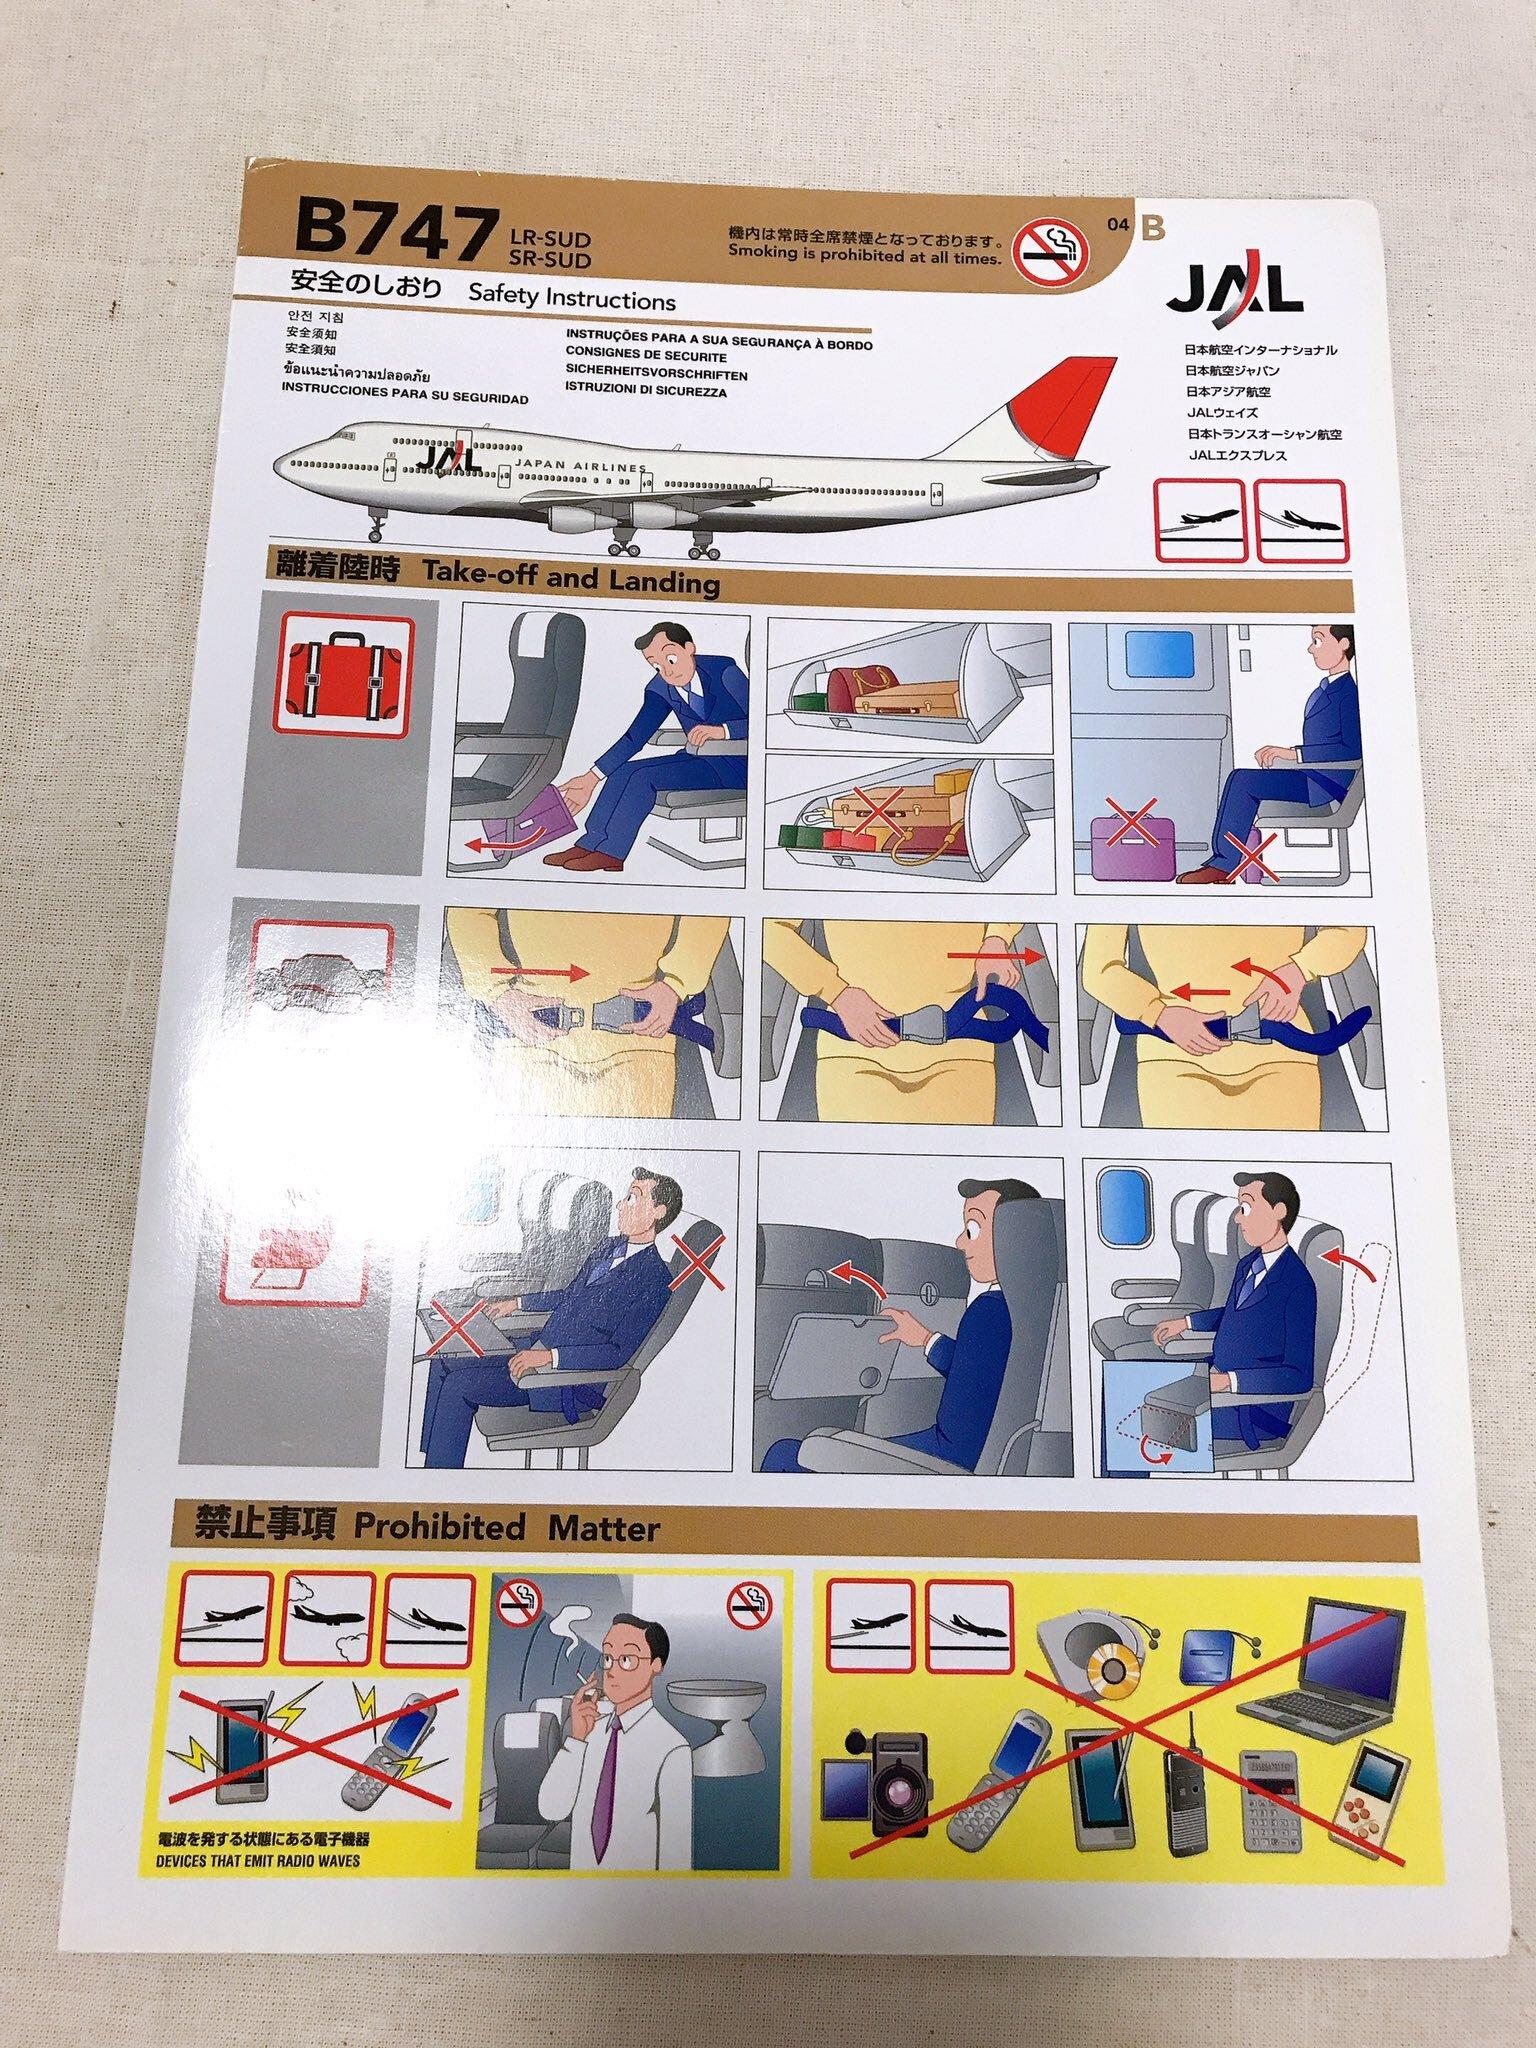 中古品安全のしおり/B747 LR-SUD SR-SUD JAL